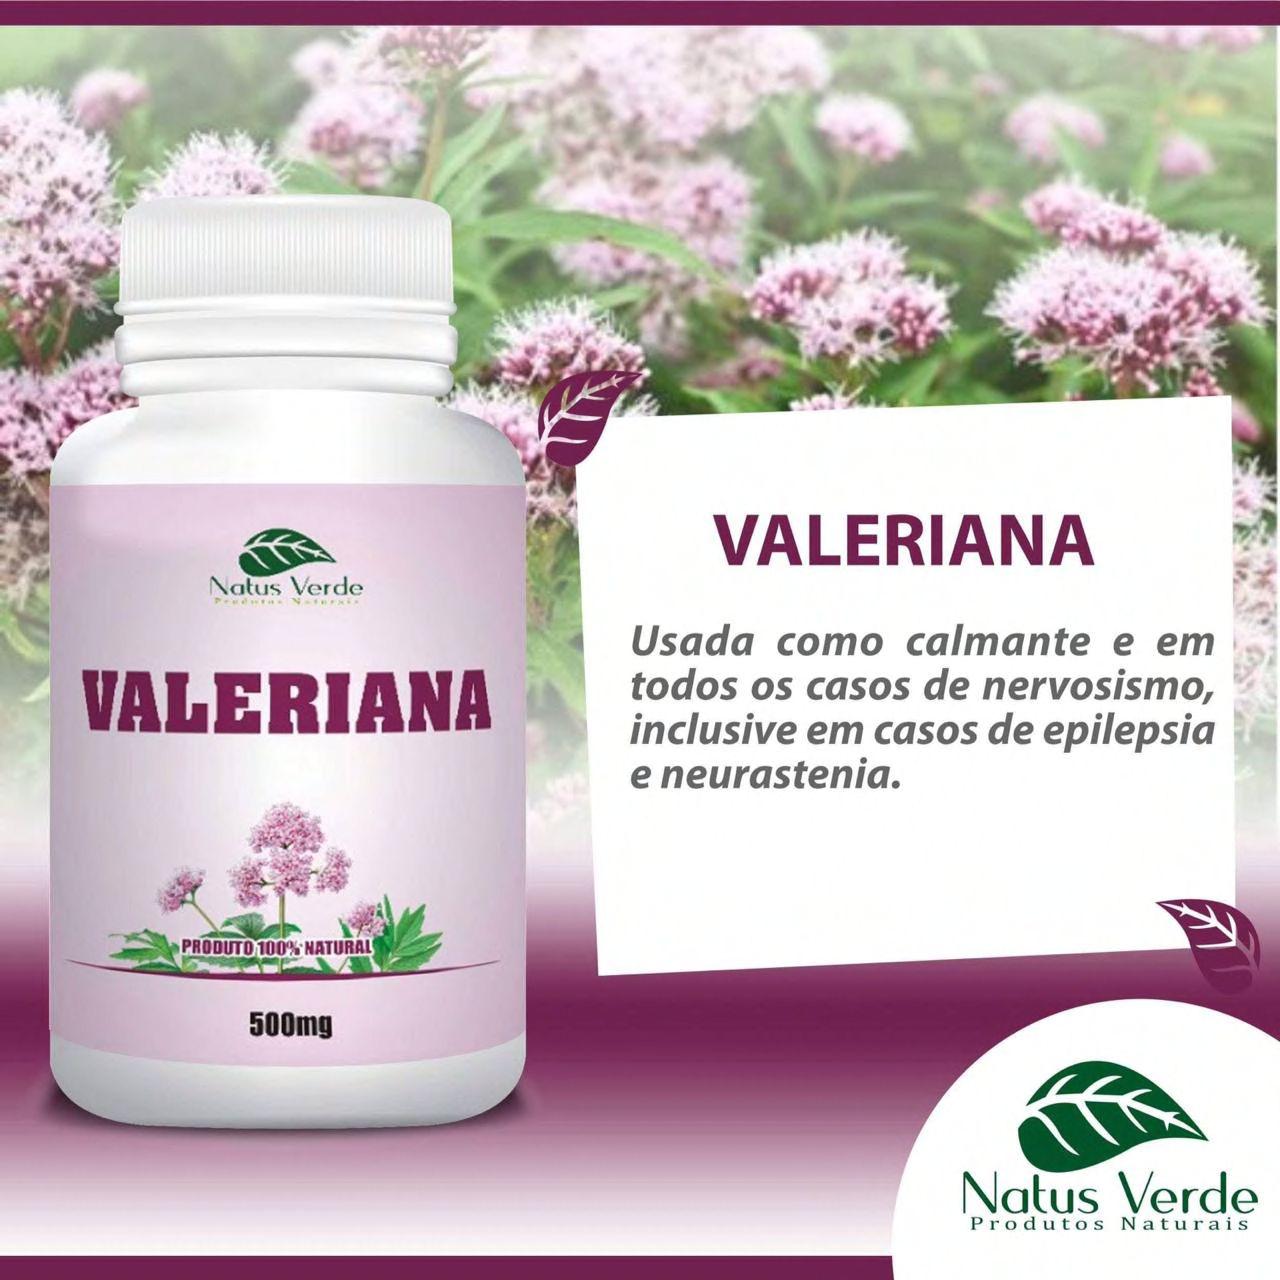 Produto Natural Valeriana 500mg 60Caps Natus Verde  - Fribasex - Fabricasex.com